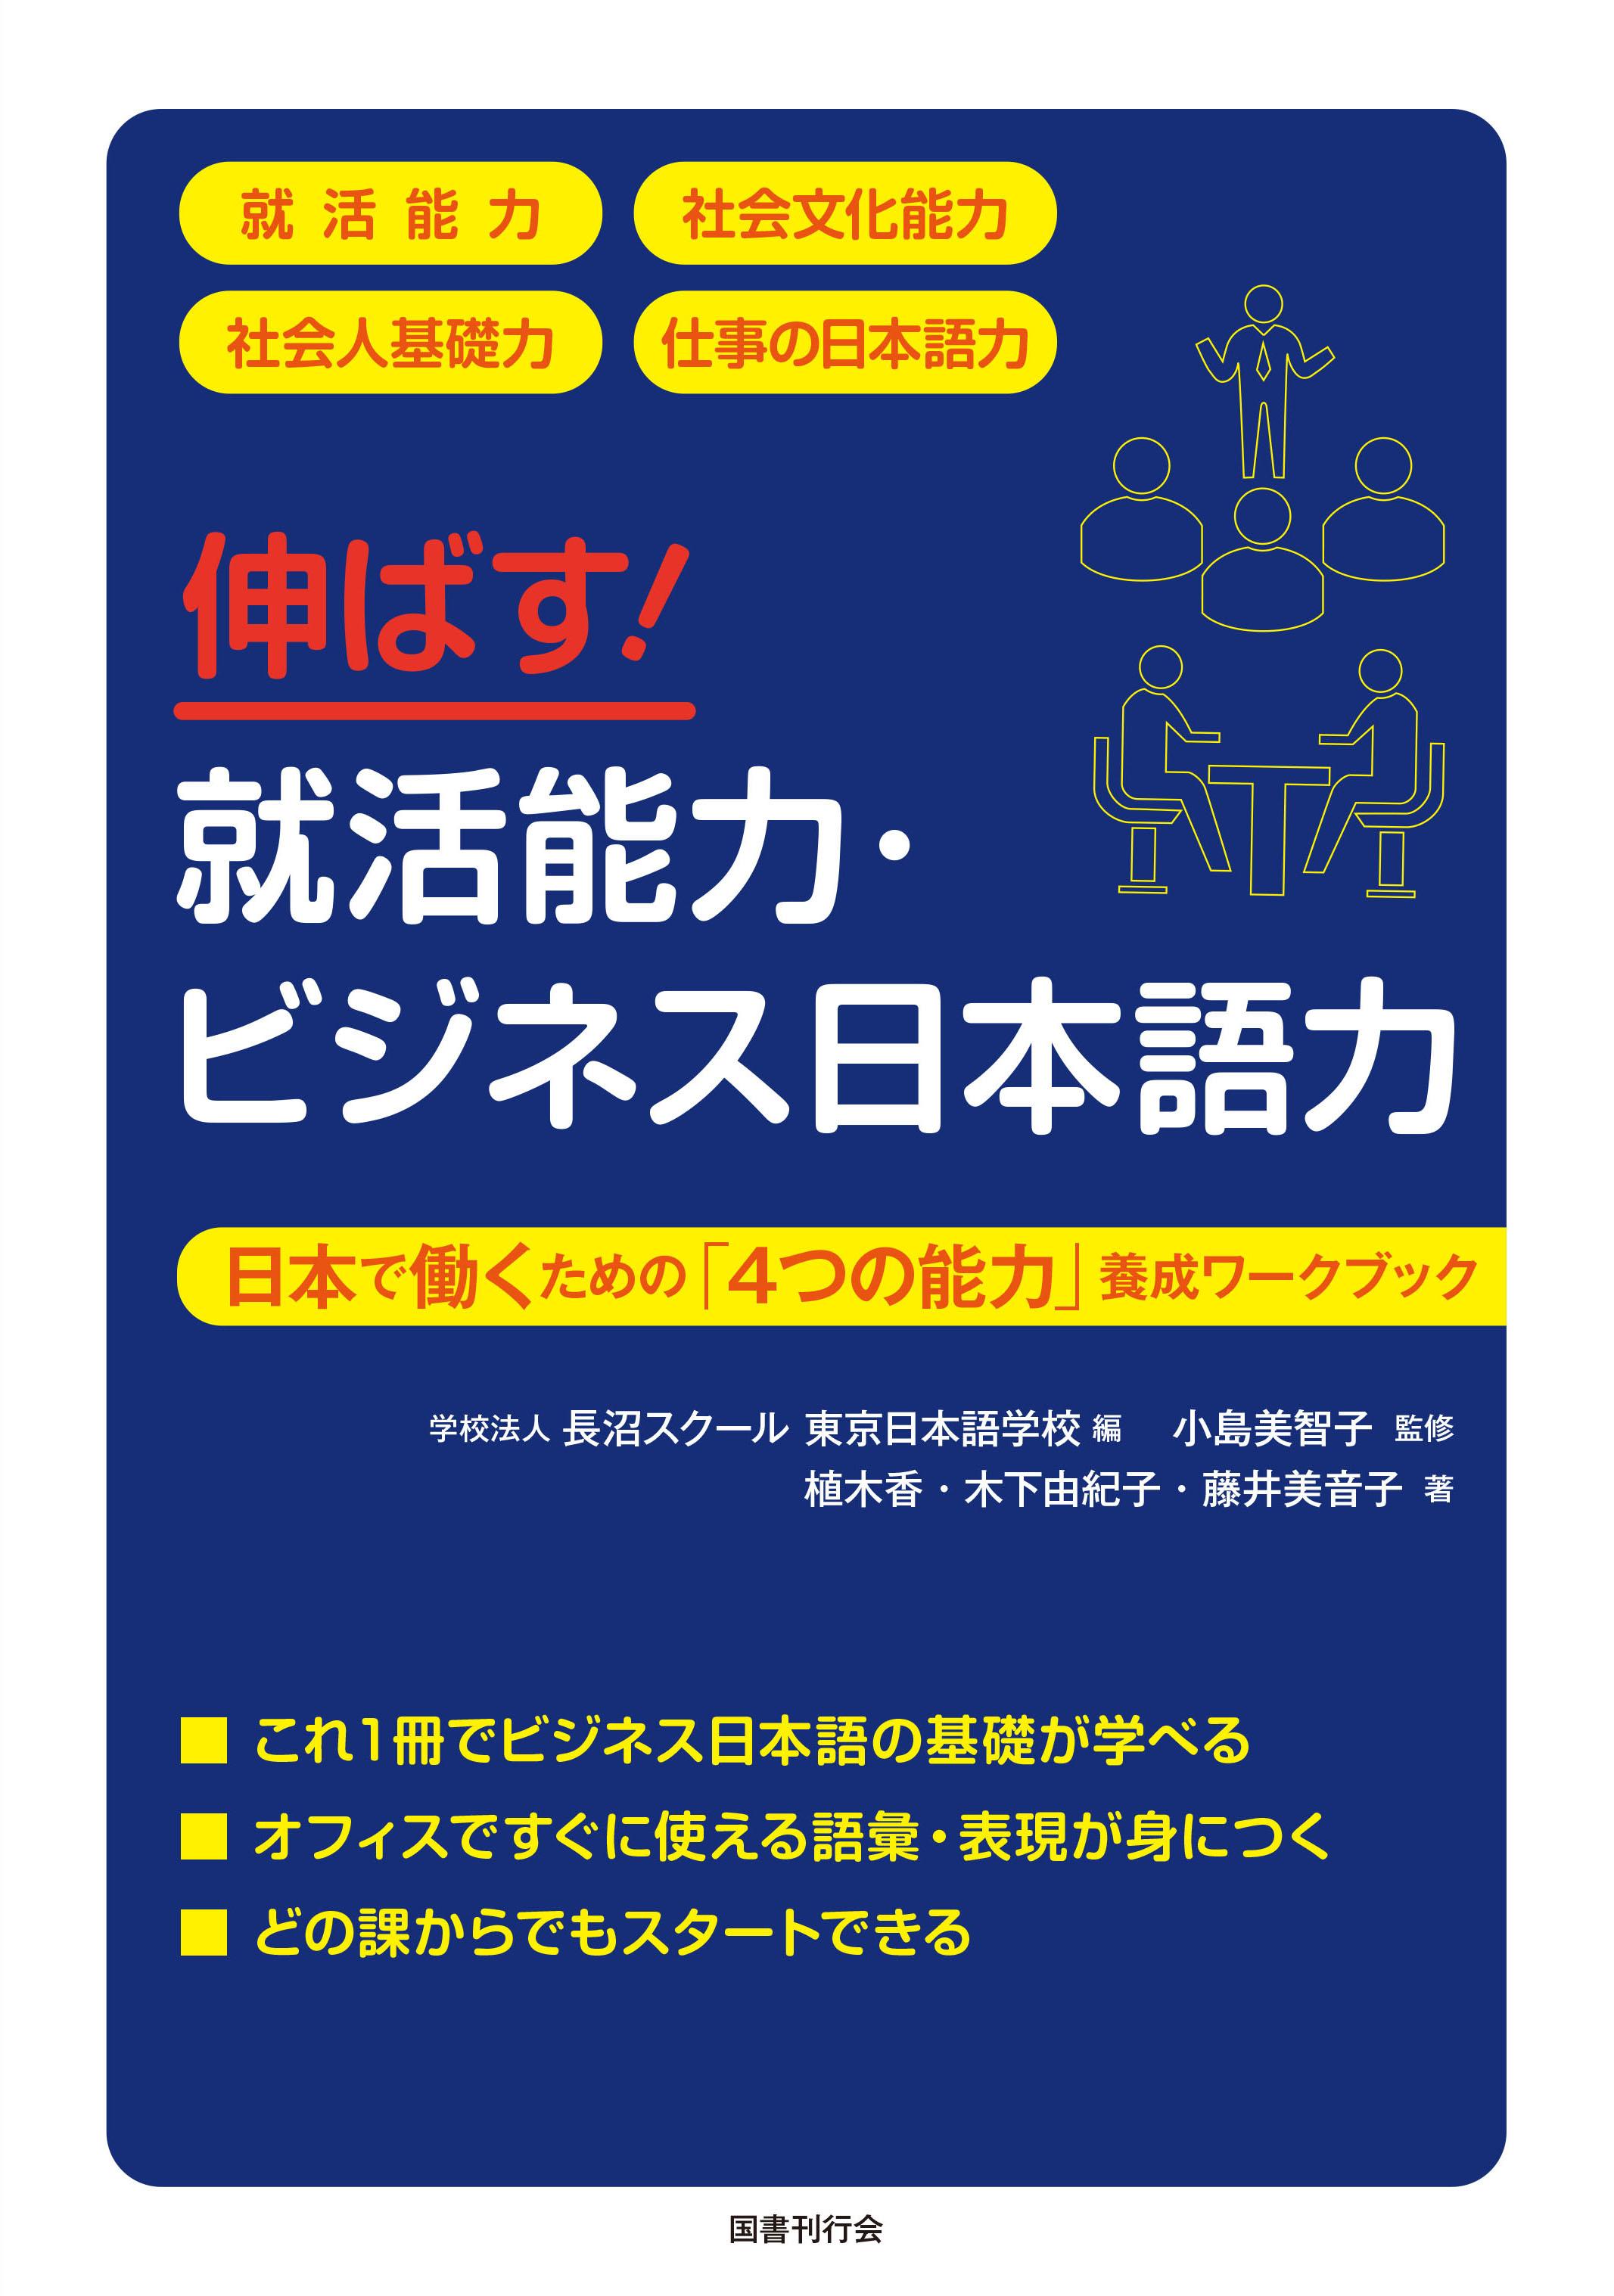 『伸ばす!就活能力・ビジネス日本語力 日本で働くための「4つの能力」養成ワークブック』画像